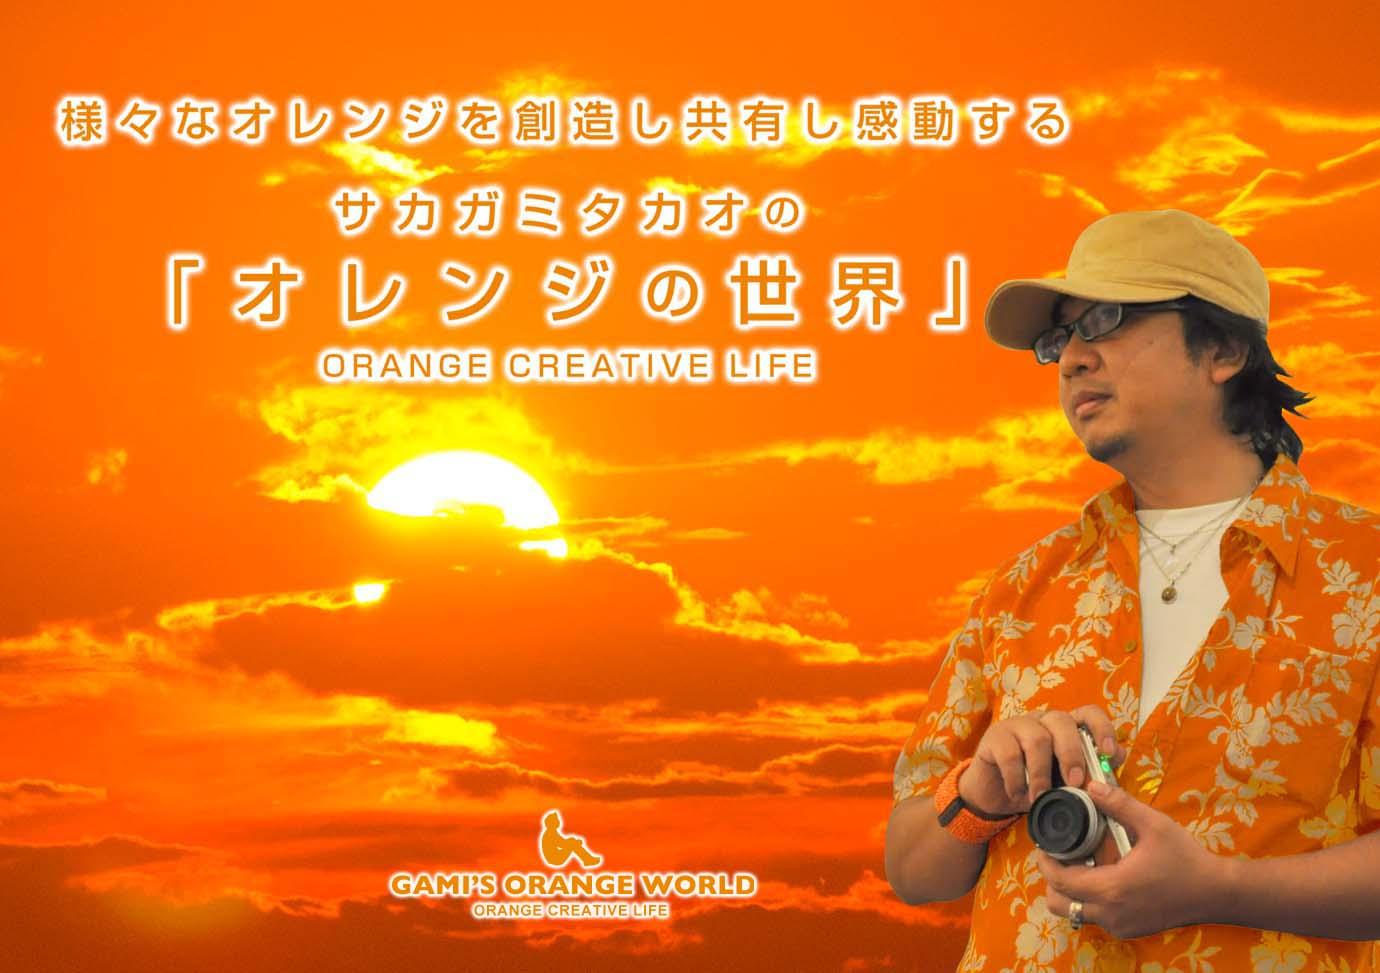 サカガミタカオのオレンジの世界